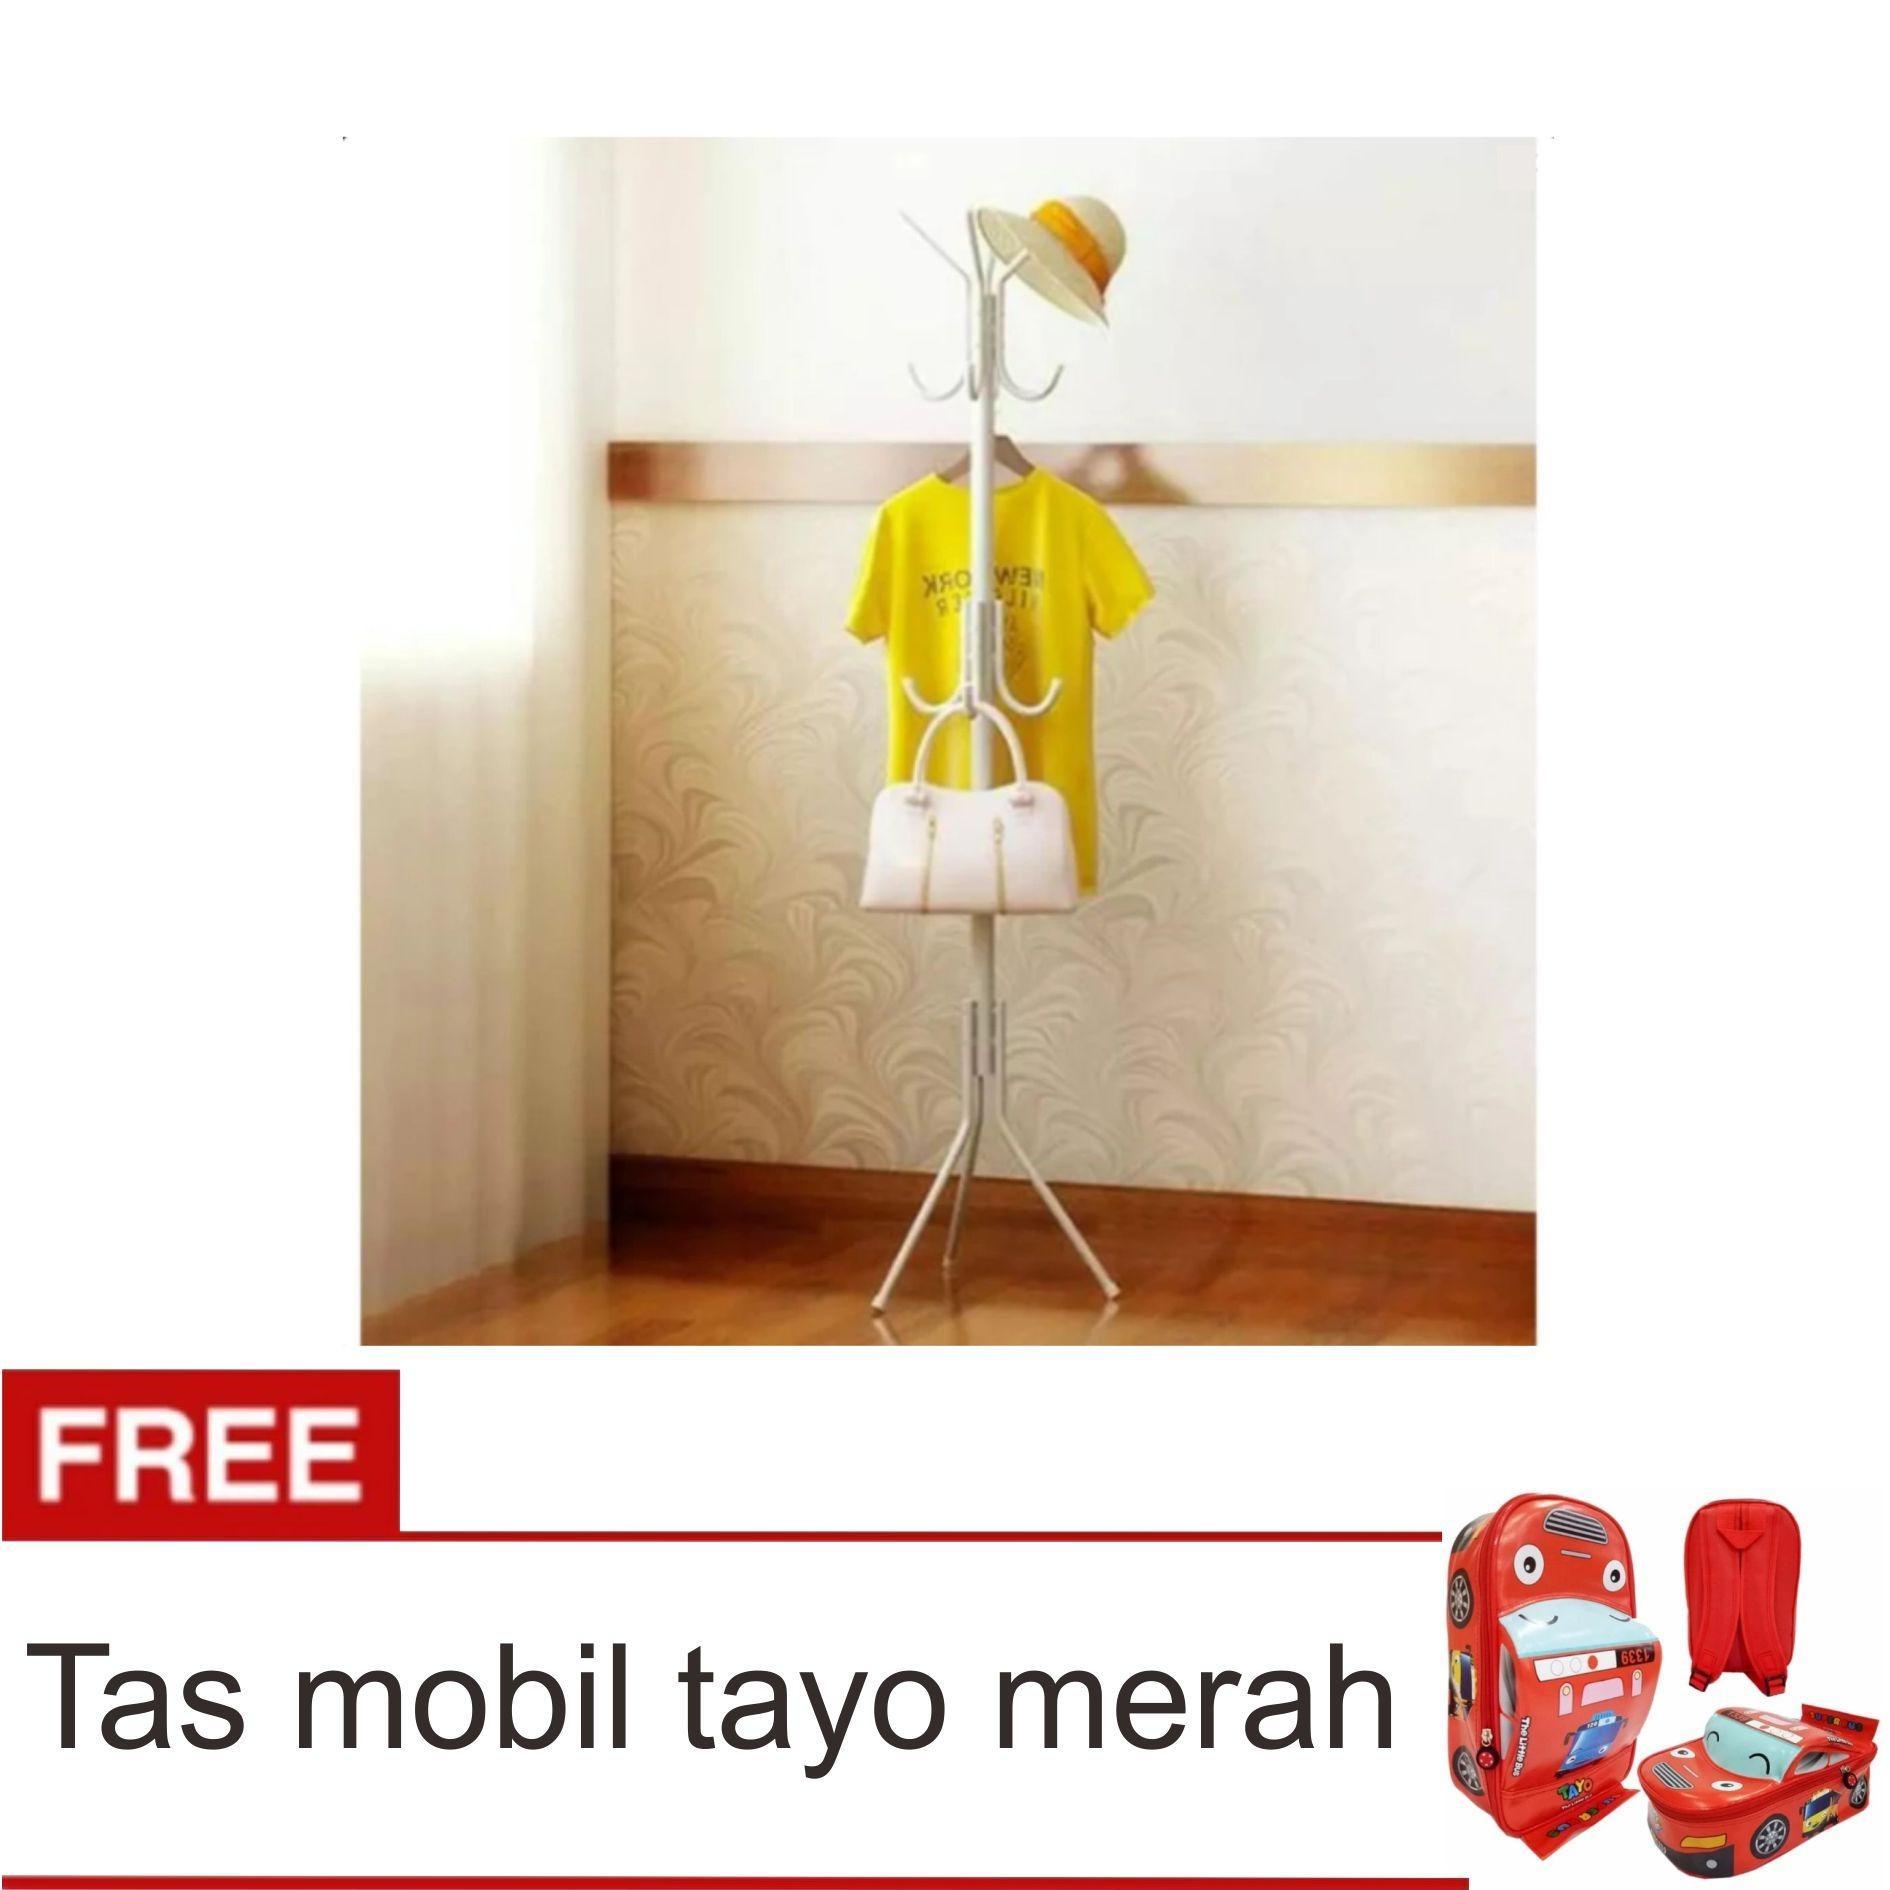 standing hanger Lanjarjaya Gantungan Baju Standing Hanger / Multifunction Stand Hanger - Putih + Tas Tayo